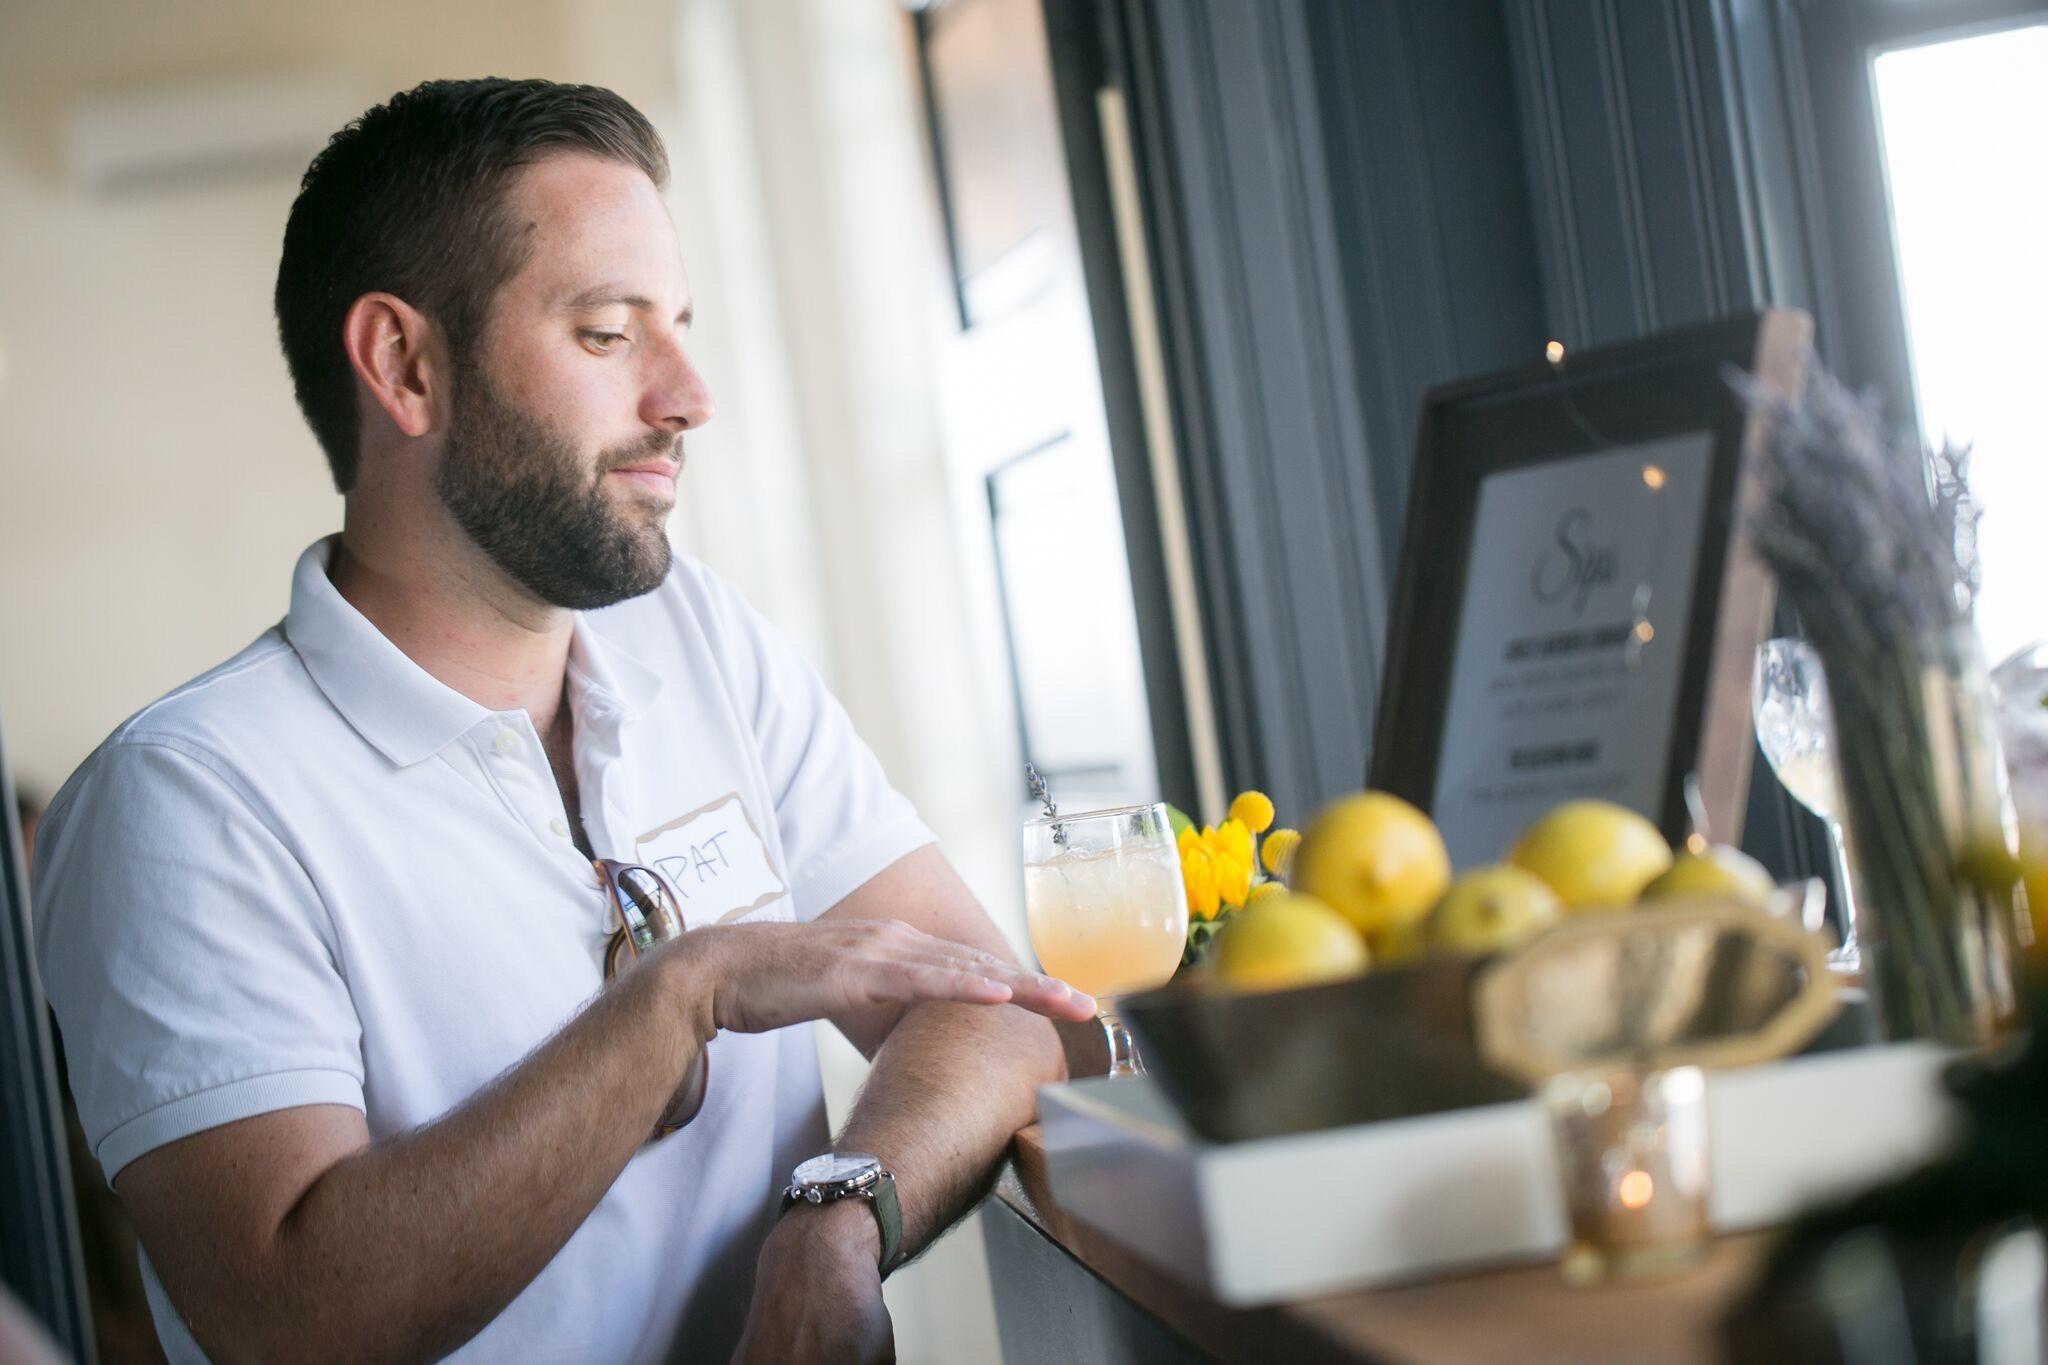 Drink Slingers Austin Event Bartenders Image 68